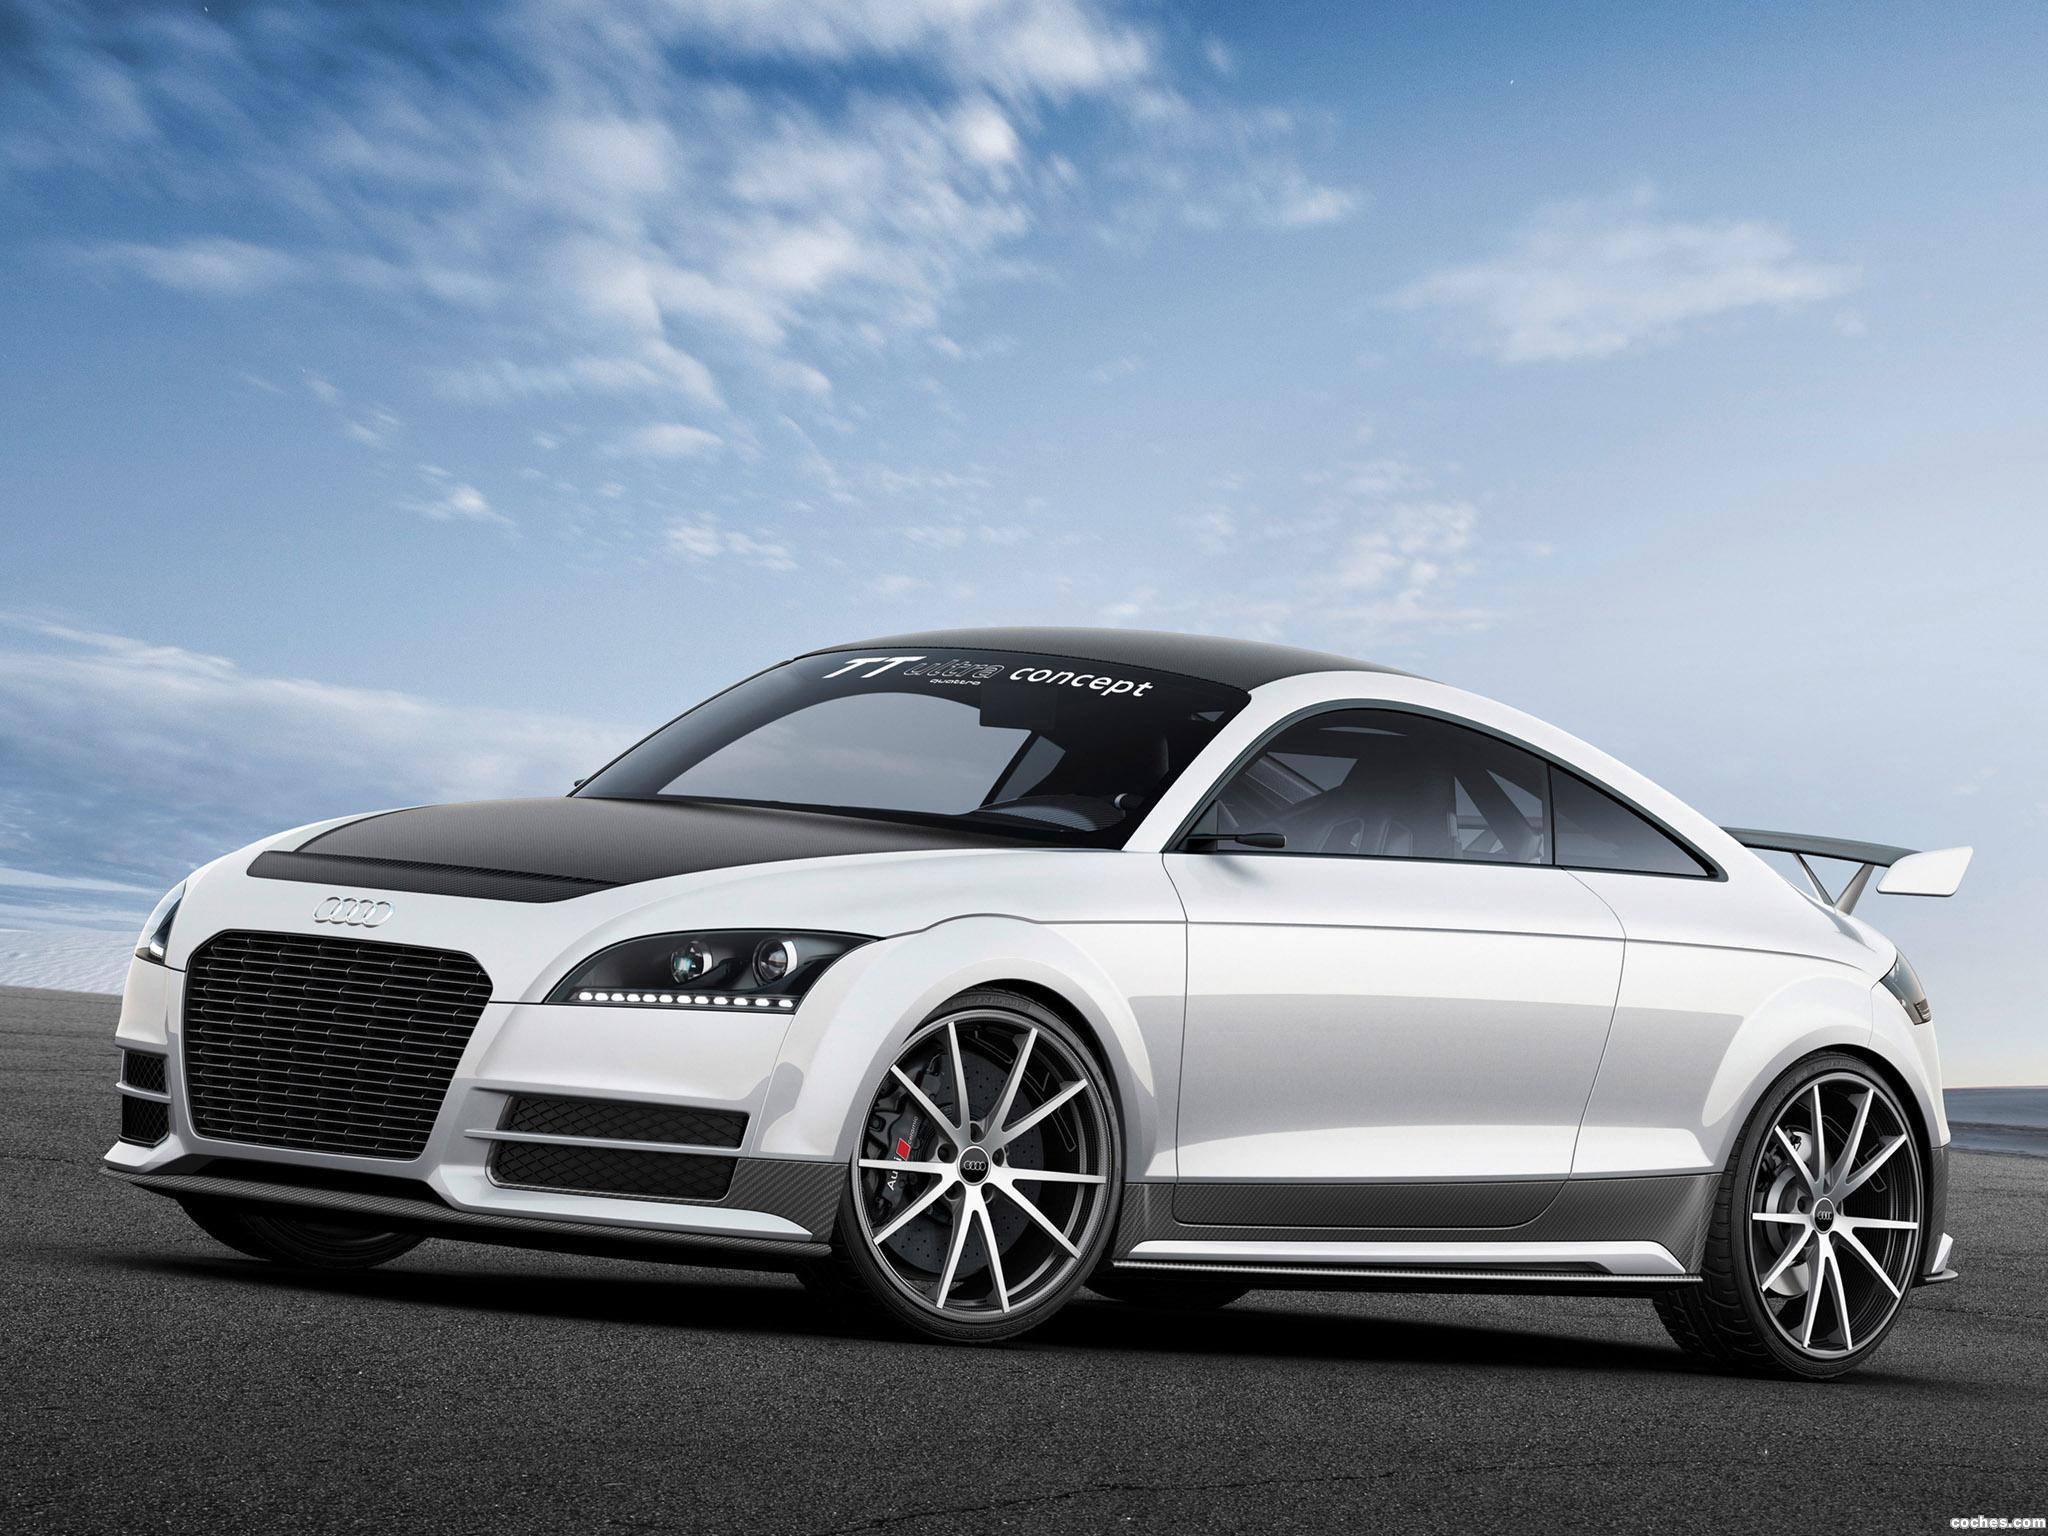 Foto 0 de Audi TT Ultra Quattro Concept 2013